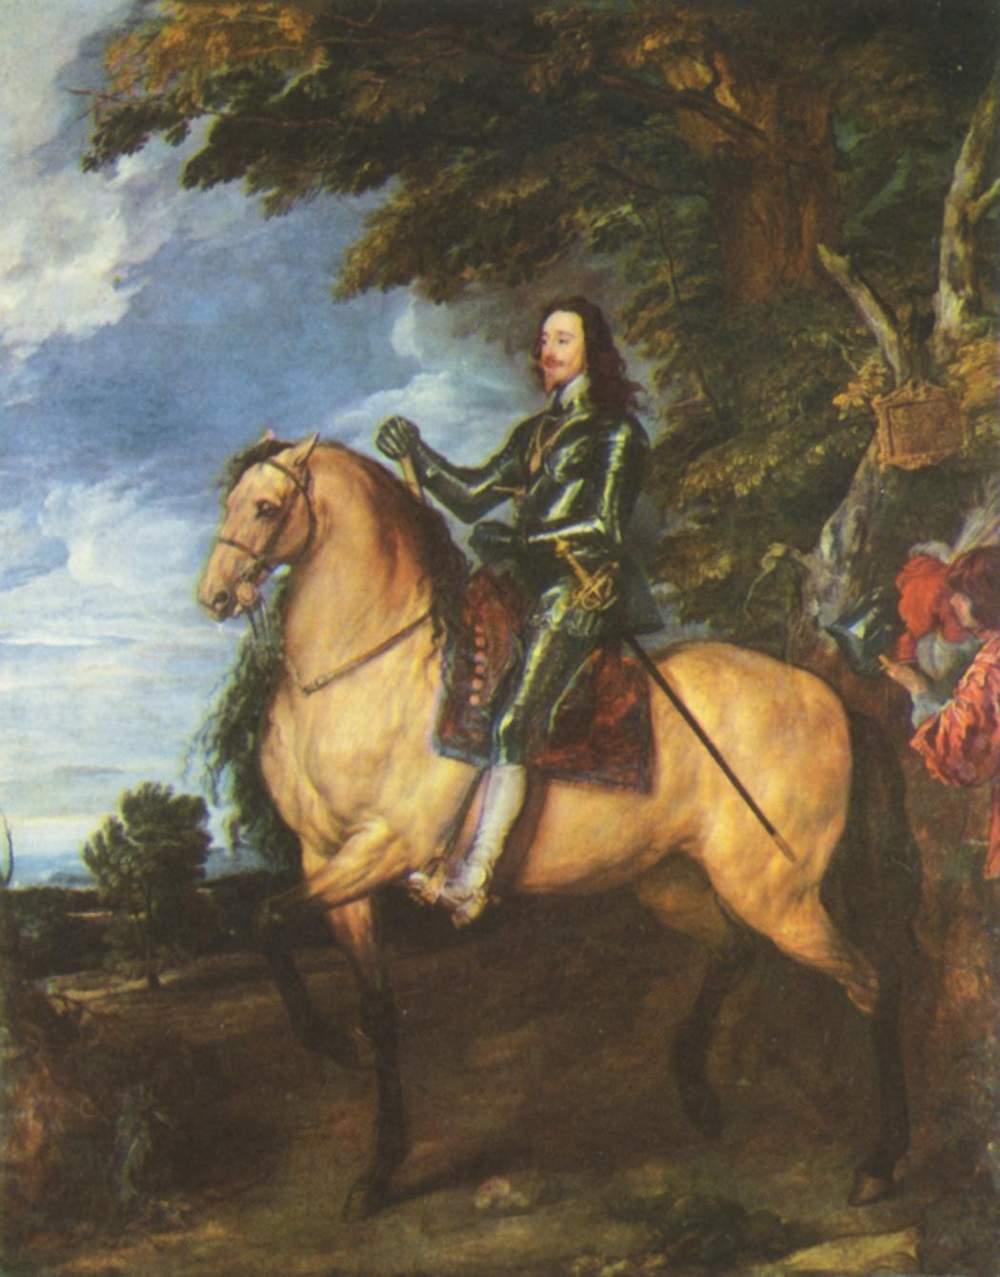 Конный портрет Карла Первого, короля Англии, Антонис ван Дейк